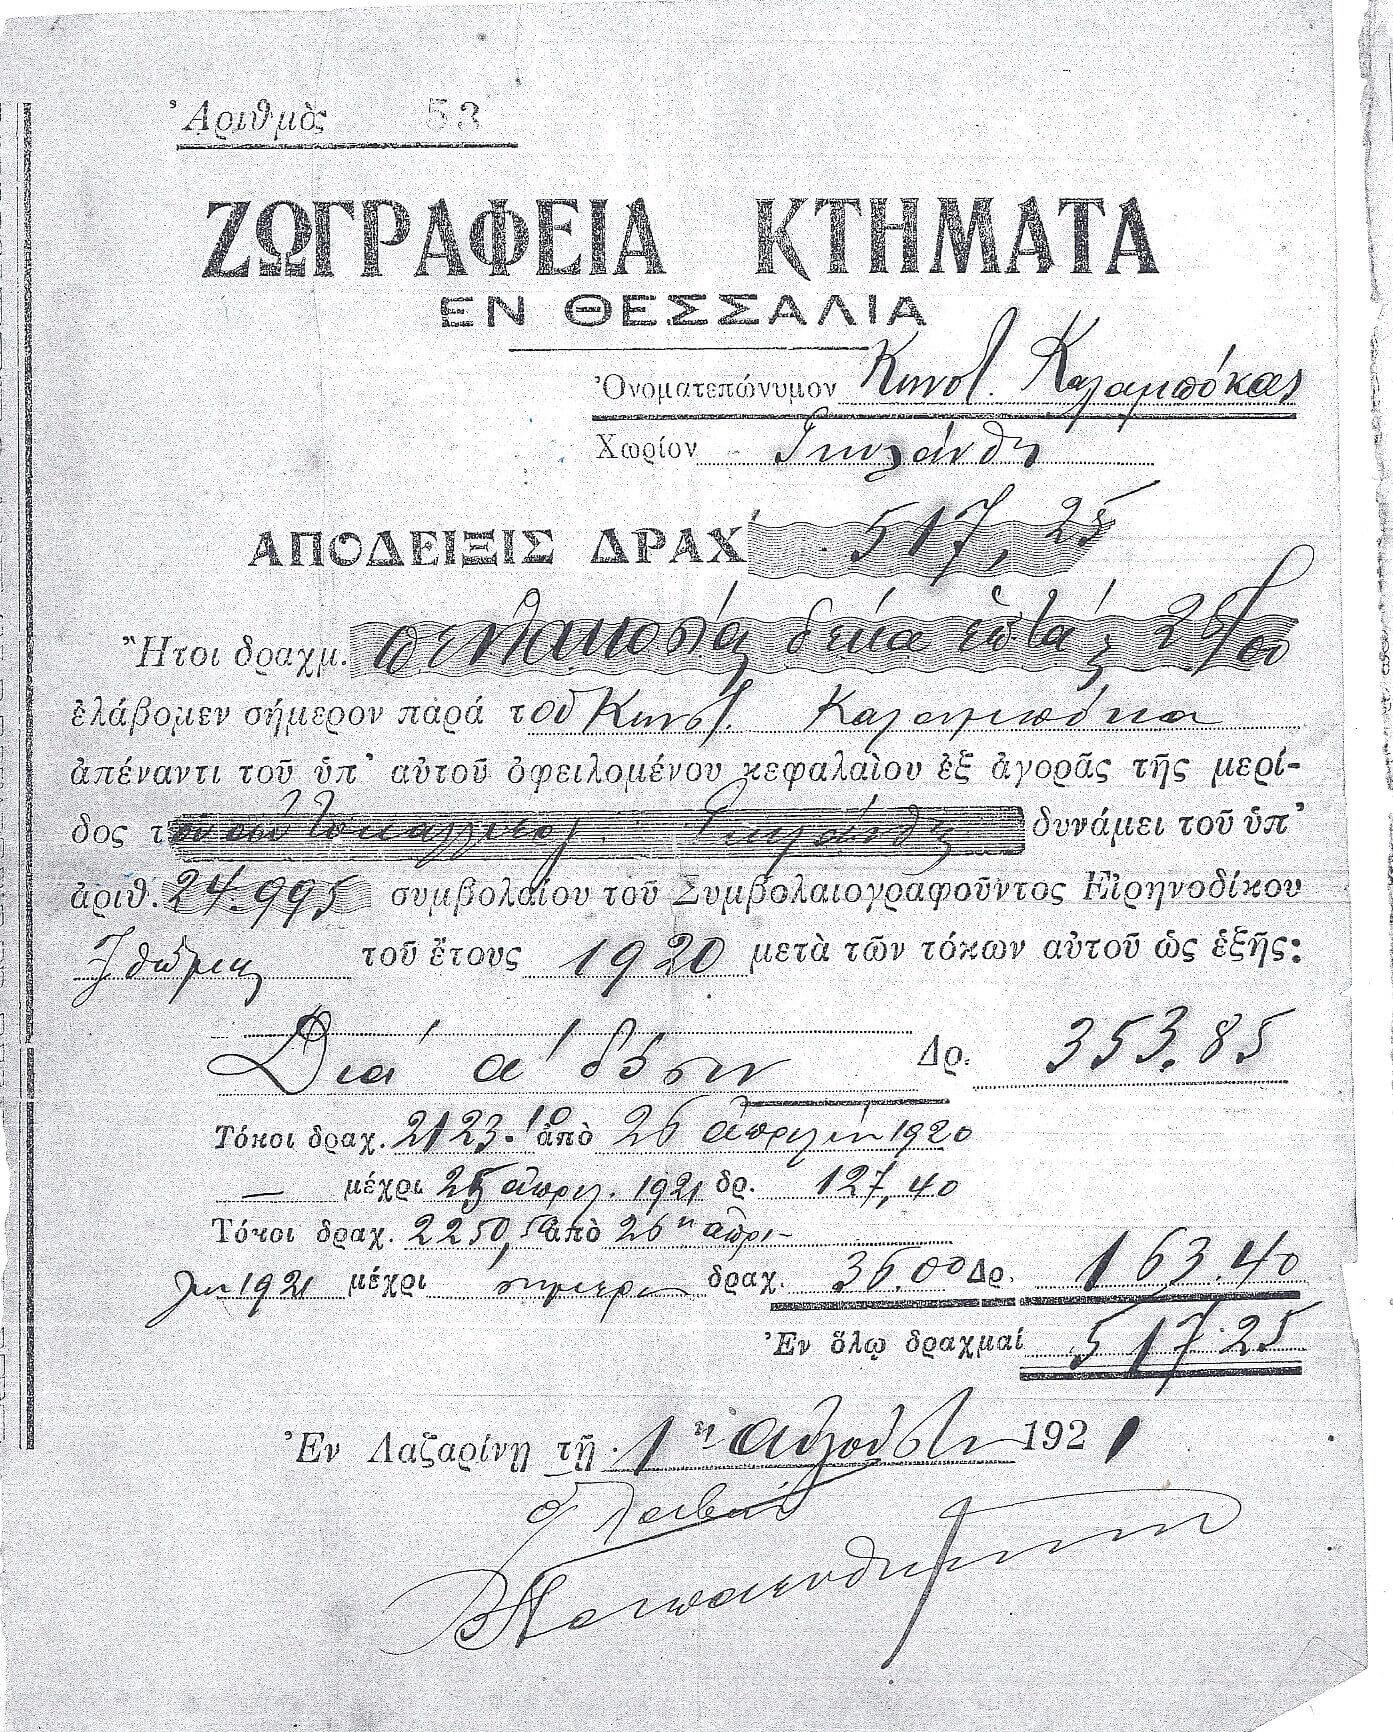 Απόδειξη πληρωμής για αγορά κλήρου του Κων. Νικ. Καλαμπόκα από τον Χρηστάκη Ζωγράφου, 1920